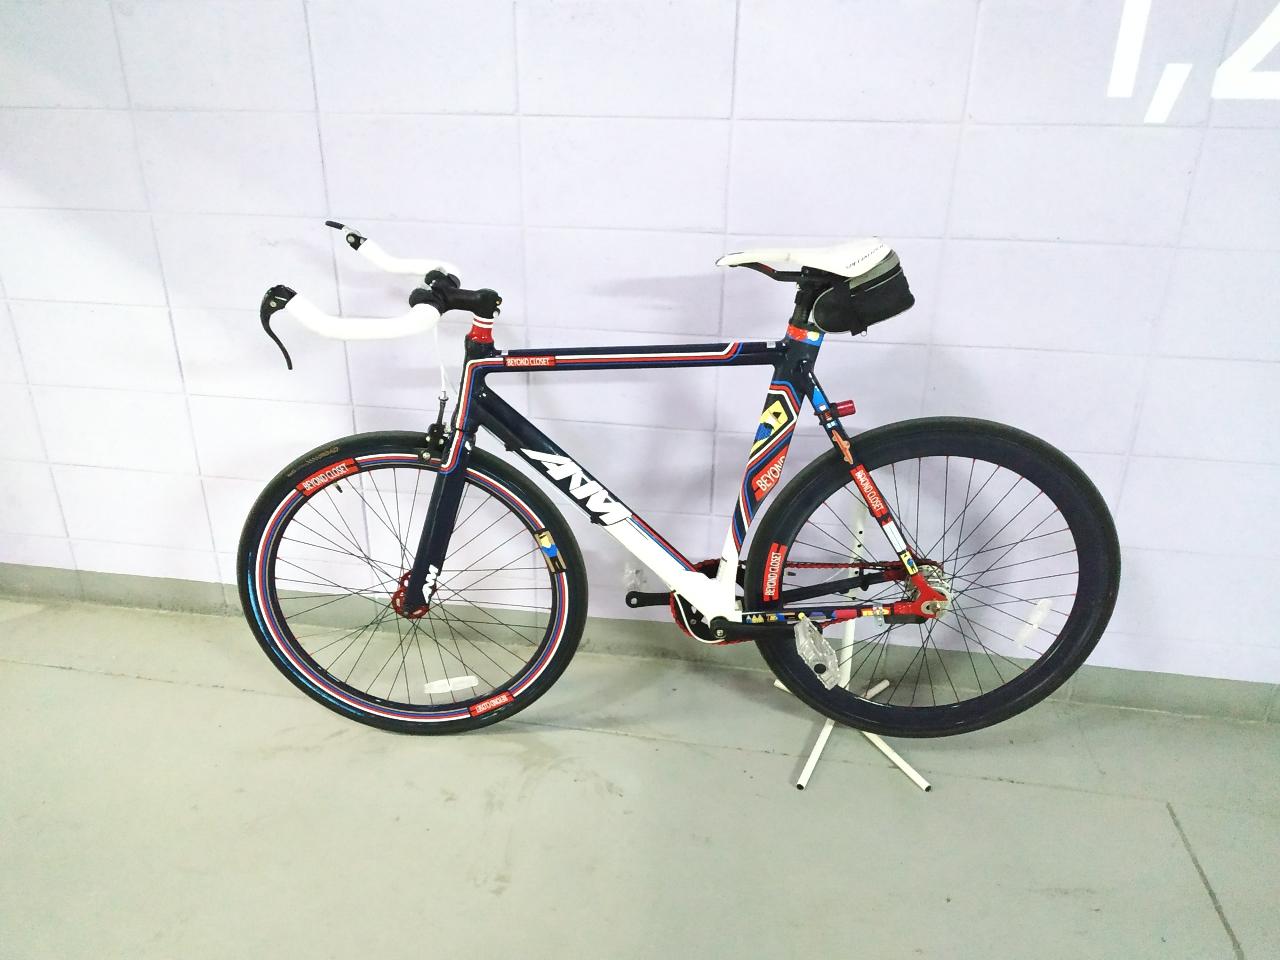 픽시 스타일 자전거